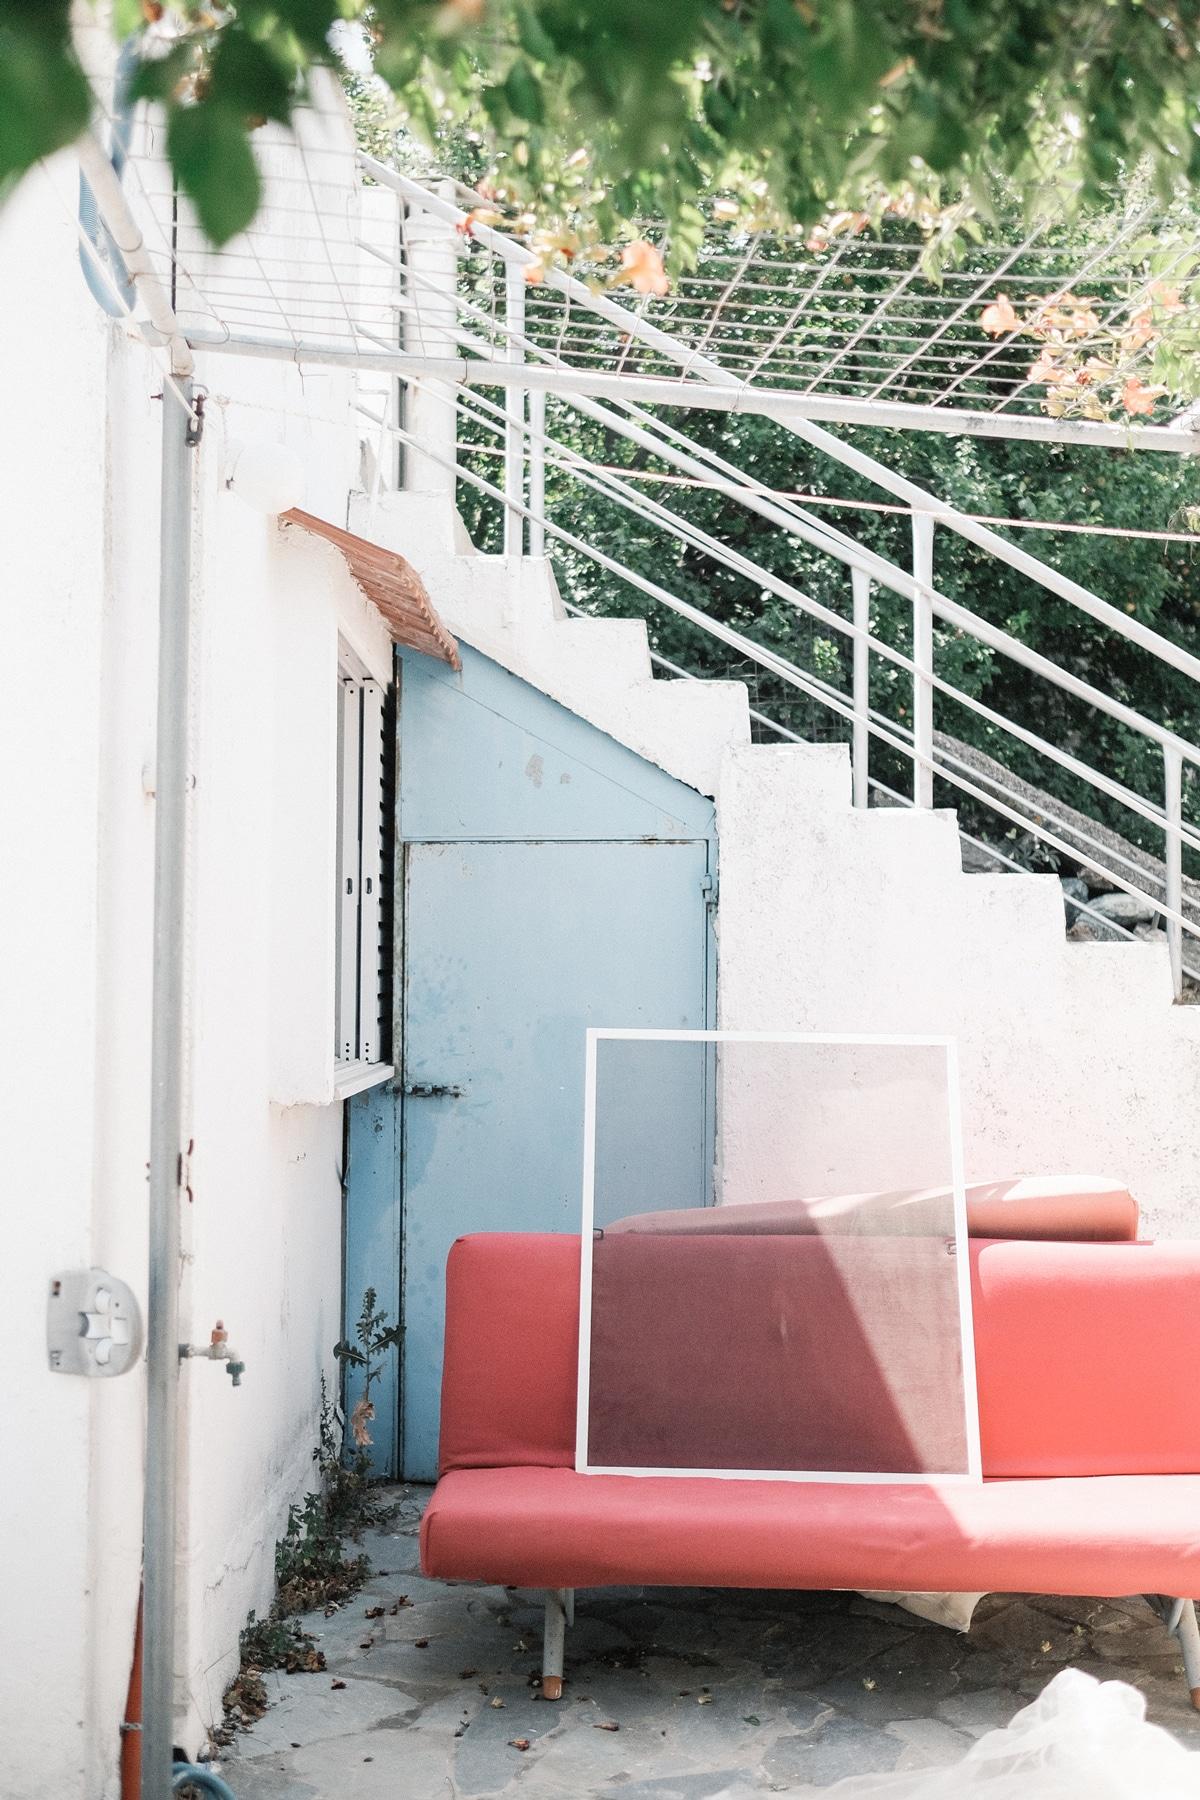 Kinlake-Crete-House-Lifestyle-2018-8922-s